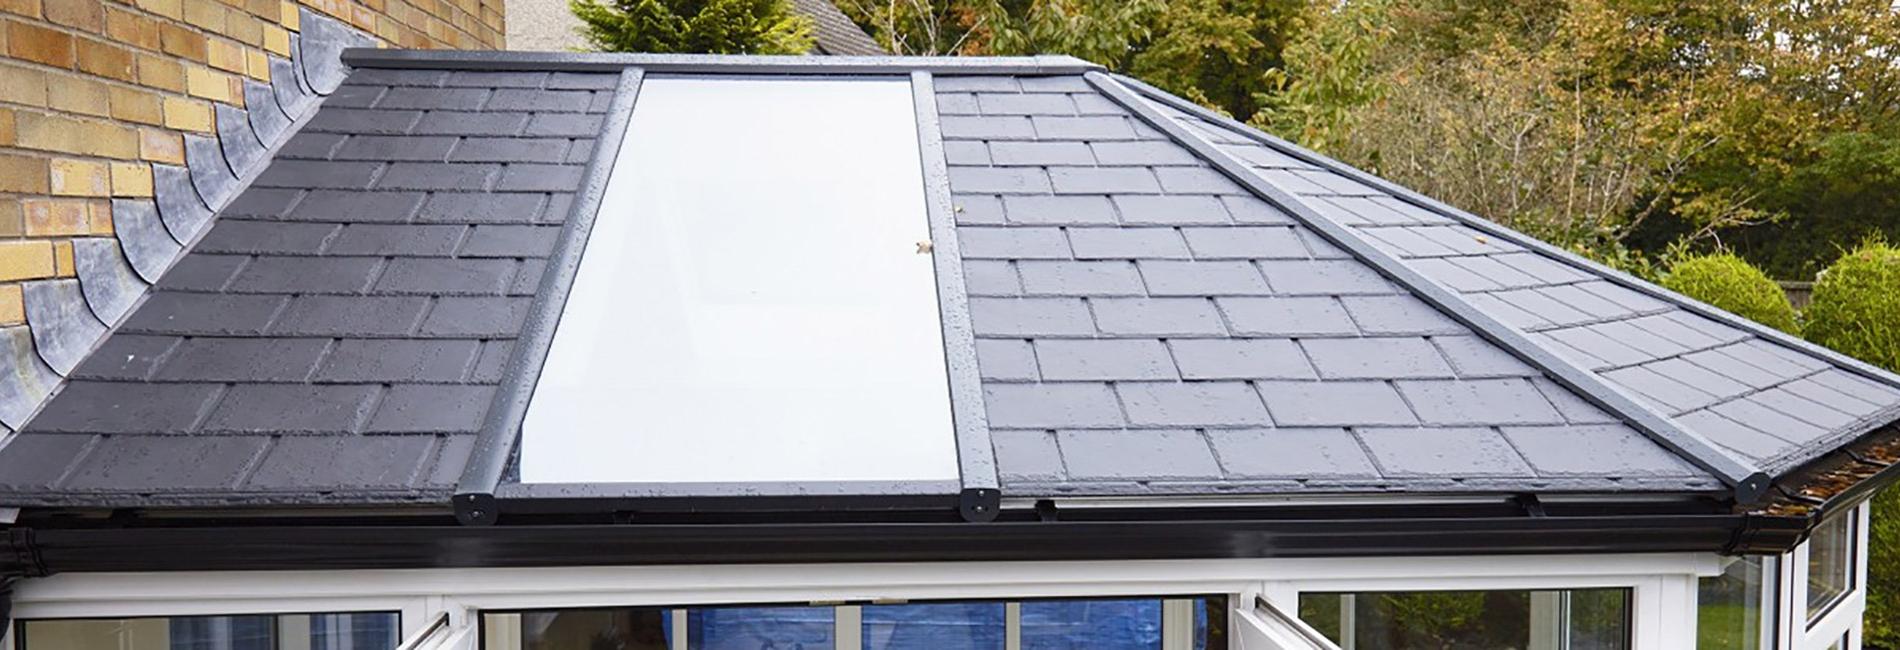 Ultraframe Roof